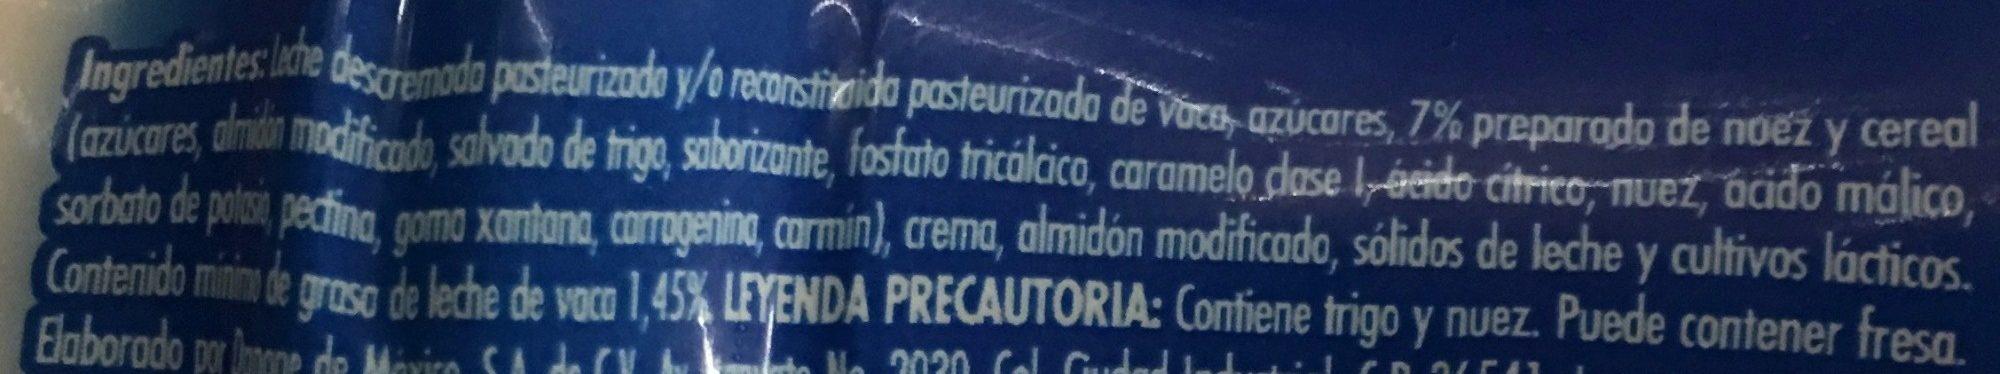 LICUADO NUEZ Y CEREAL - Ingrediënten - es